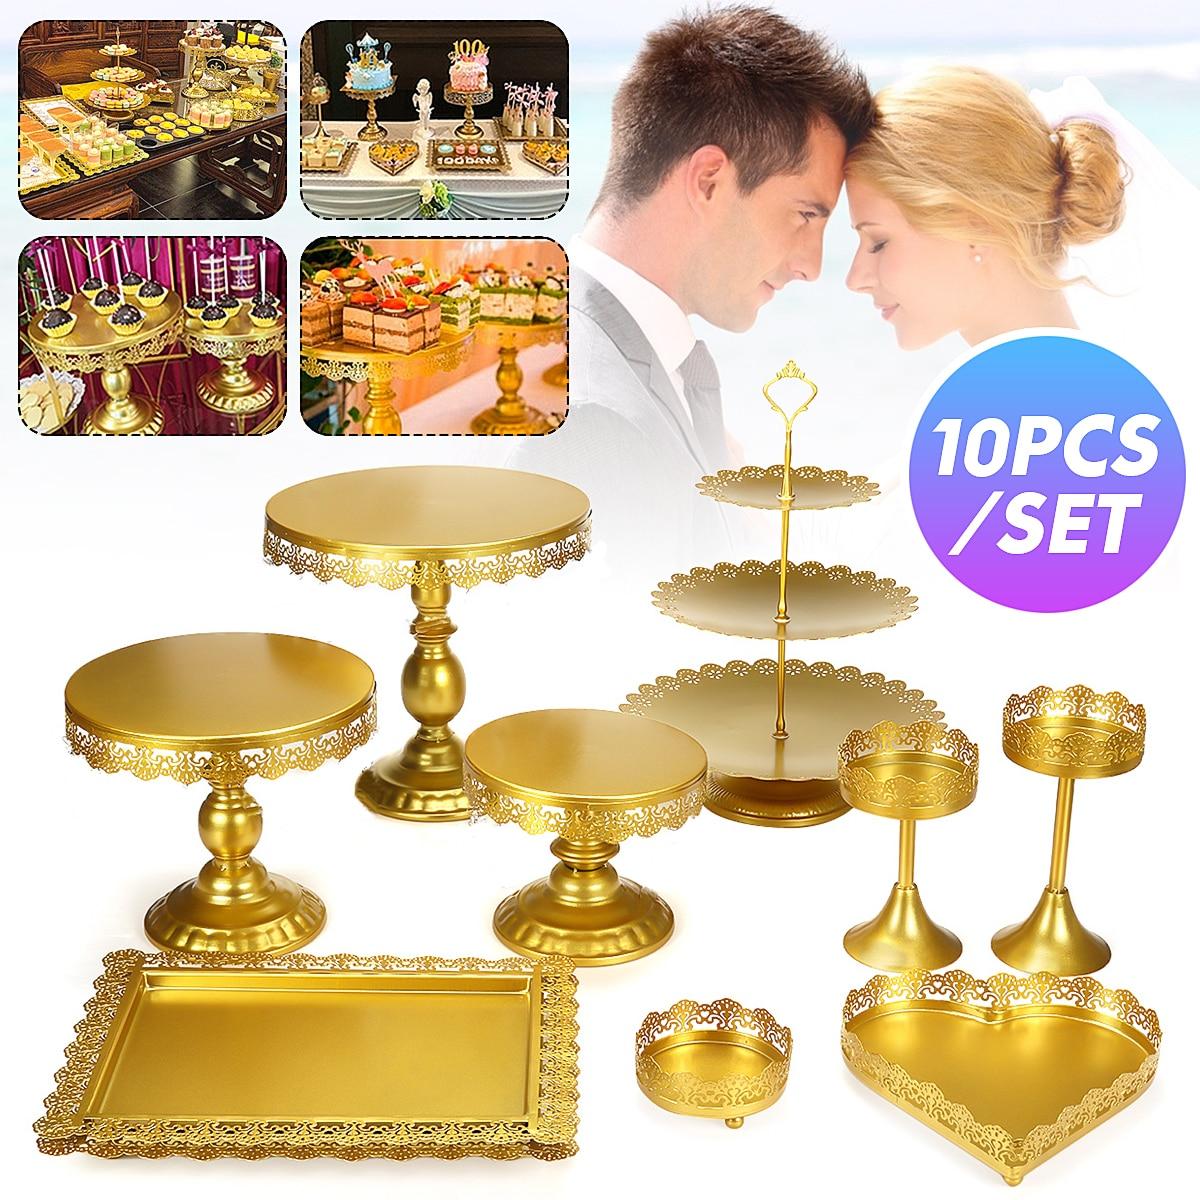 10 шт. из золотистого металла в виде пирожного в чашке держатель Подставка для десерта комплект свадебное мероприятие вечерние Дисплей башн...